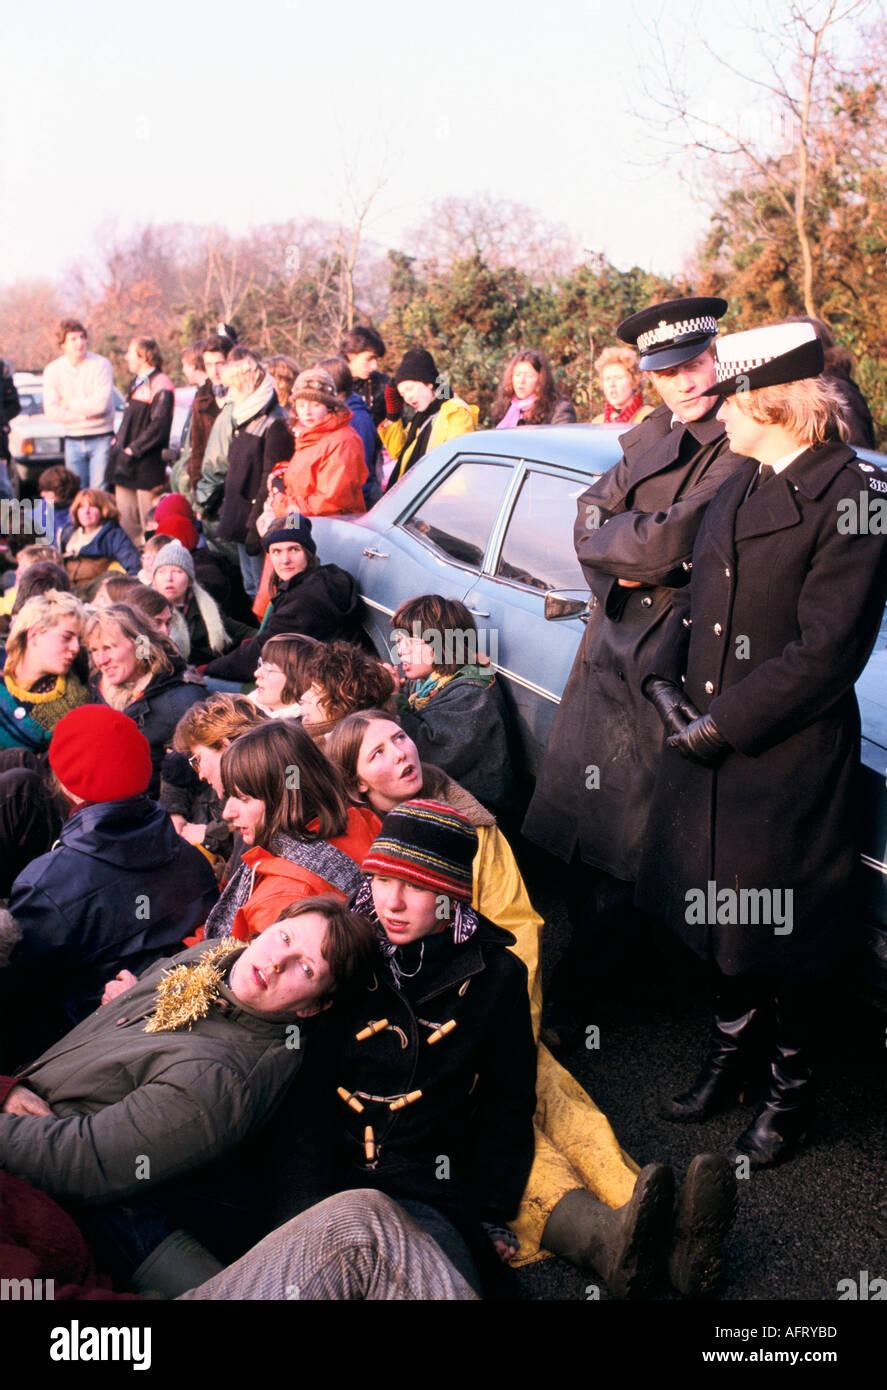 Frauen FRIEDENSCAMP BLOCKADE DER AMERIKANISCHEN USAF NUKLEARE MARSCHFLUGKÖRPER AIR BASE in Greenham Common BERKSHIRE Stockfoto